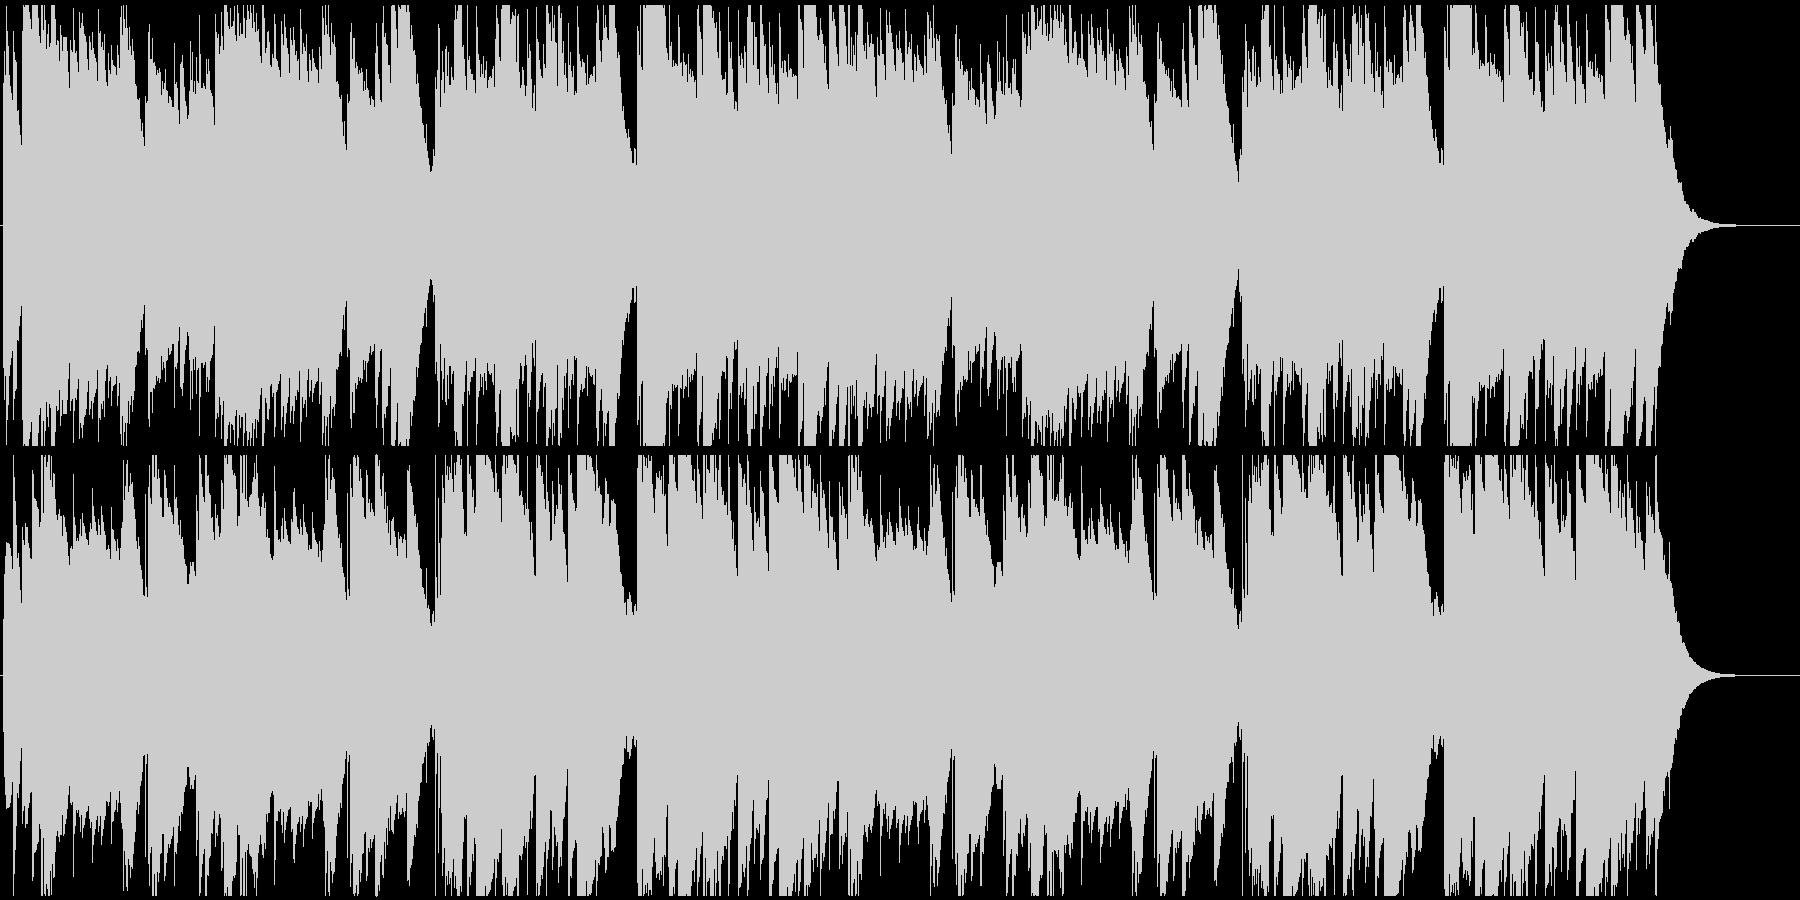 キレイな音色で木琴のような打楽器サウンドの未再生の波形